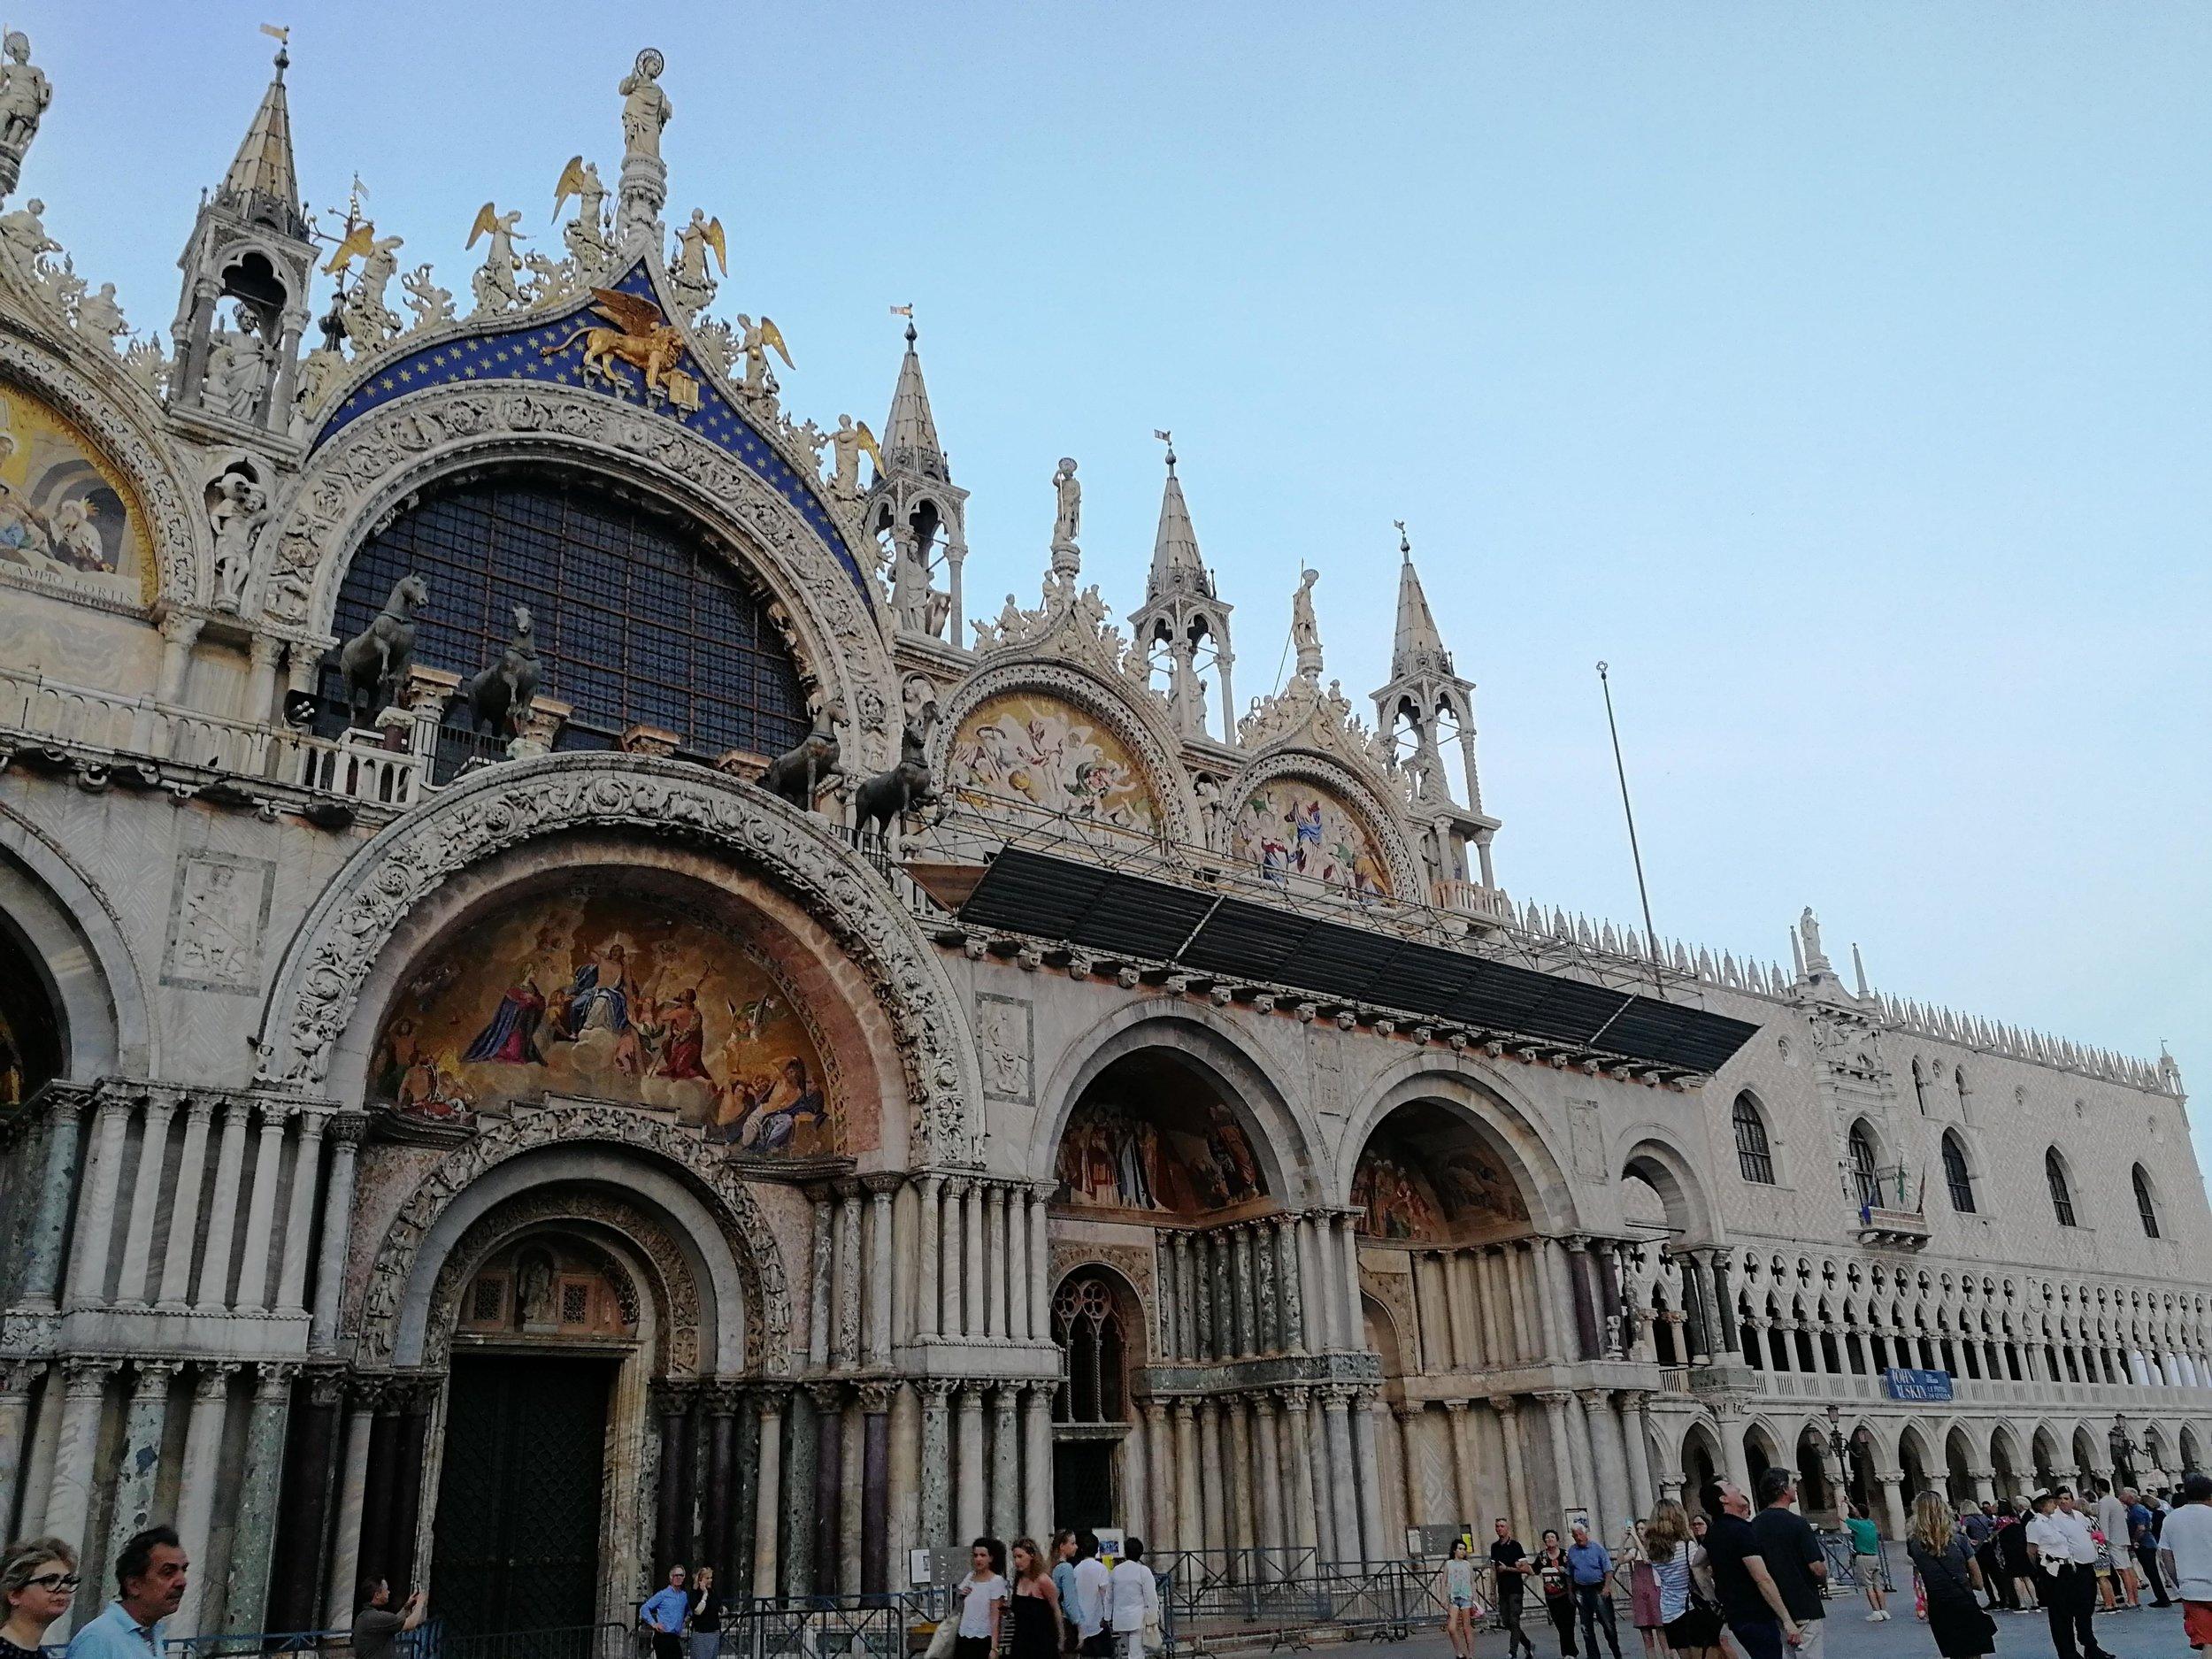 Basilica di San Marco again